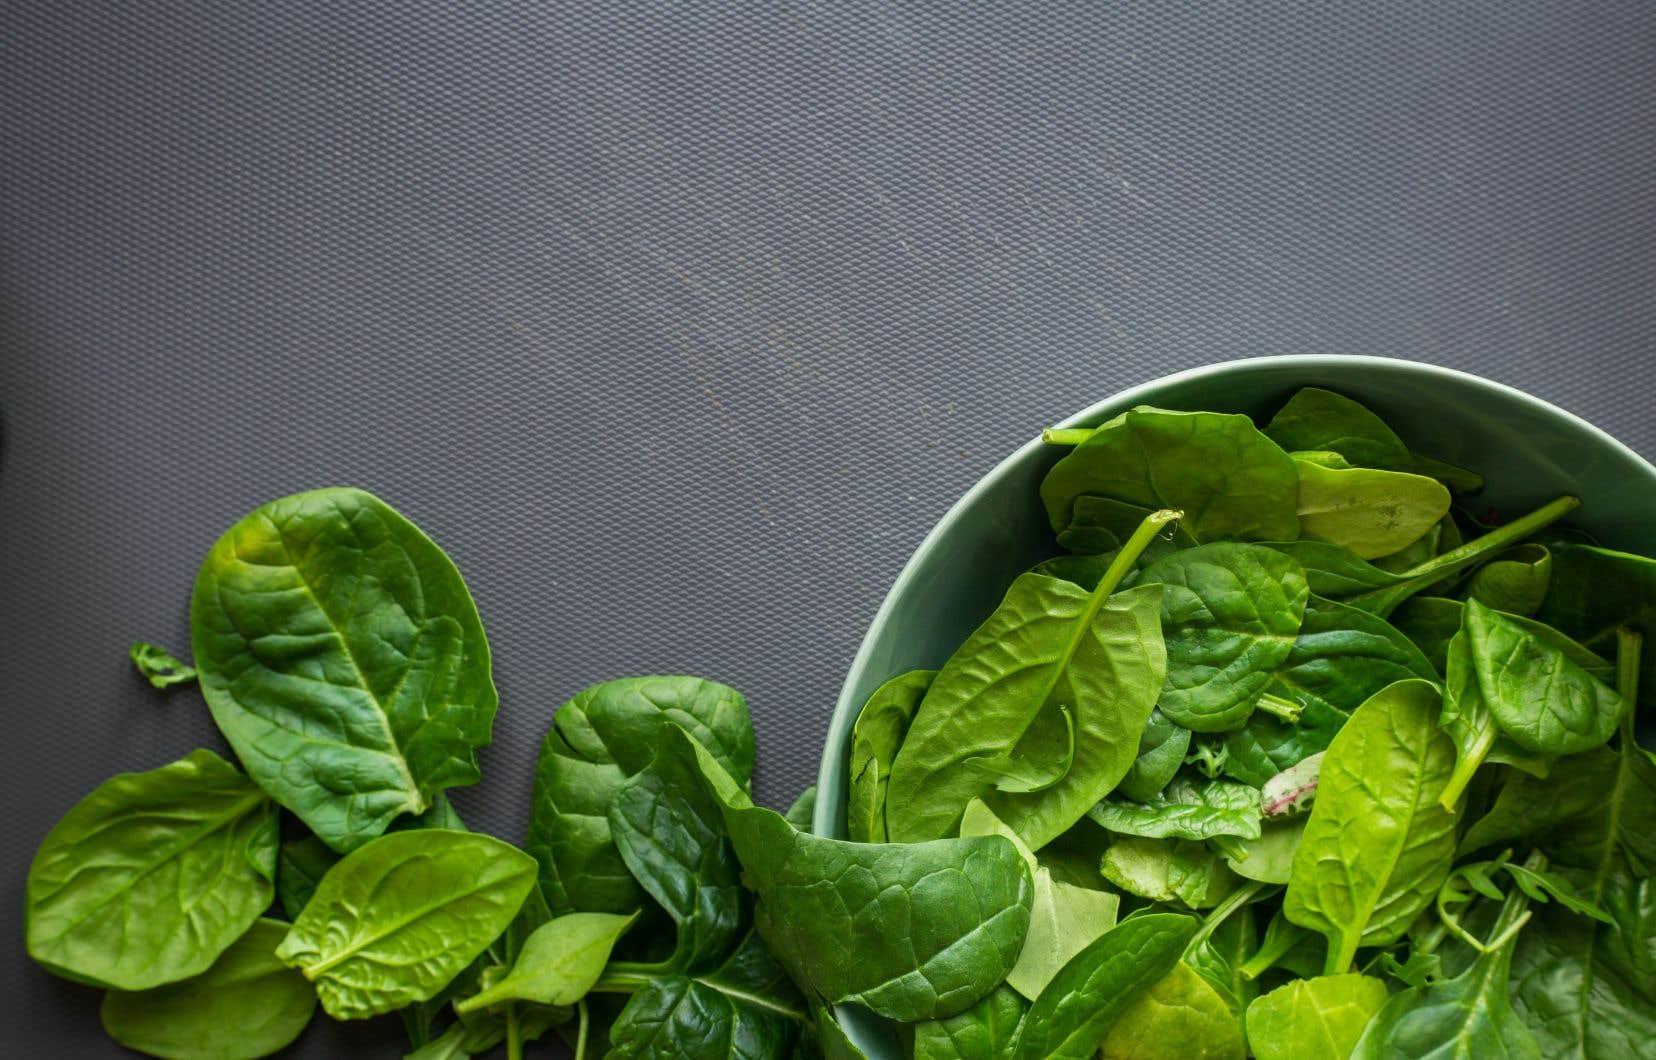 Qu'on l'apprête cuit ou cru, l'épinard demeure une vedette de nos tables estivales tant pour son bon goût que pour ses qualités nutritives.